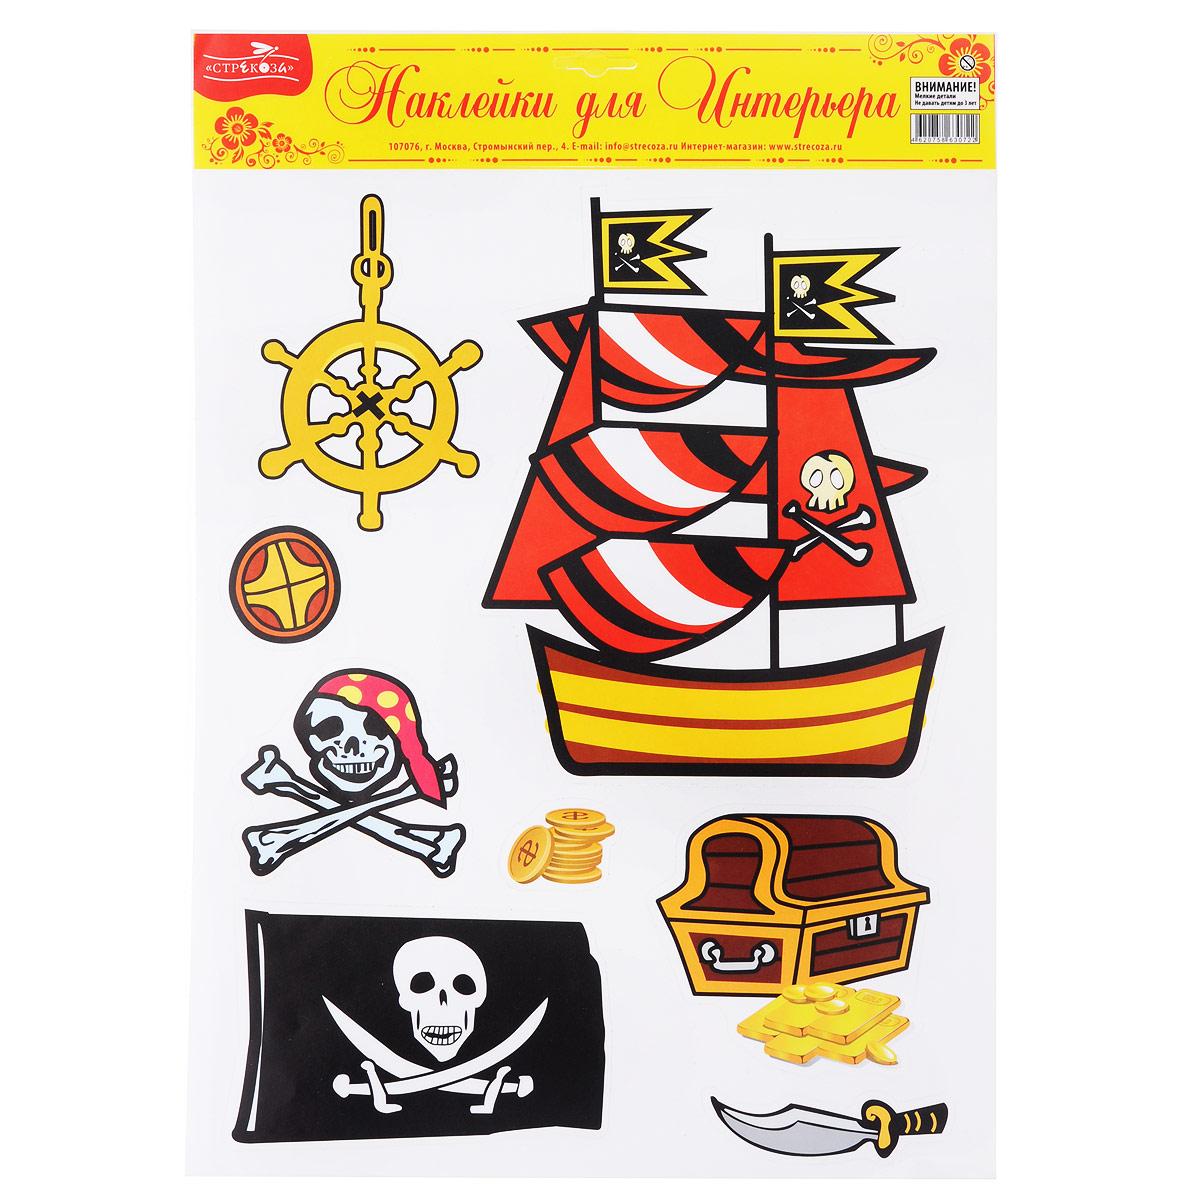 Наклейки для интерьера Стрекоза Пираты300187_красныйНаклейки для стен и предметов интерьера Стрекоза Пираты, изготовленные изсамоклеящейся пленки, -это удивительно простой и быстрый способ оживить интерьер помещения.На листе расположены наклейки в виде пиратских символов: корабля, пиратского флага, сундука с сокровищами, штурвала и, конечно, Веселого Роджера. Интерьерные наклейки дадут вам вдохновение, которое изменитвашу жизнь ипоможет погрузиться в мир красок, фантазий и творчества. Для васоткрываются безграничные возможности придумать оригинальный дизайн ипридать новый вид стенам и мебели. Наклейки абсолютно безопасны дляздоровья. Они быстро и легко наклеиваются на любые ровные поверхности:стены, окна, двери, кафельную плитку, виниловые и флизелиновые обои, стекла,мебель. При необходимости удобно снимаются, не оставляют следов и неповреждают поверхность (кроме бумажных обоев).